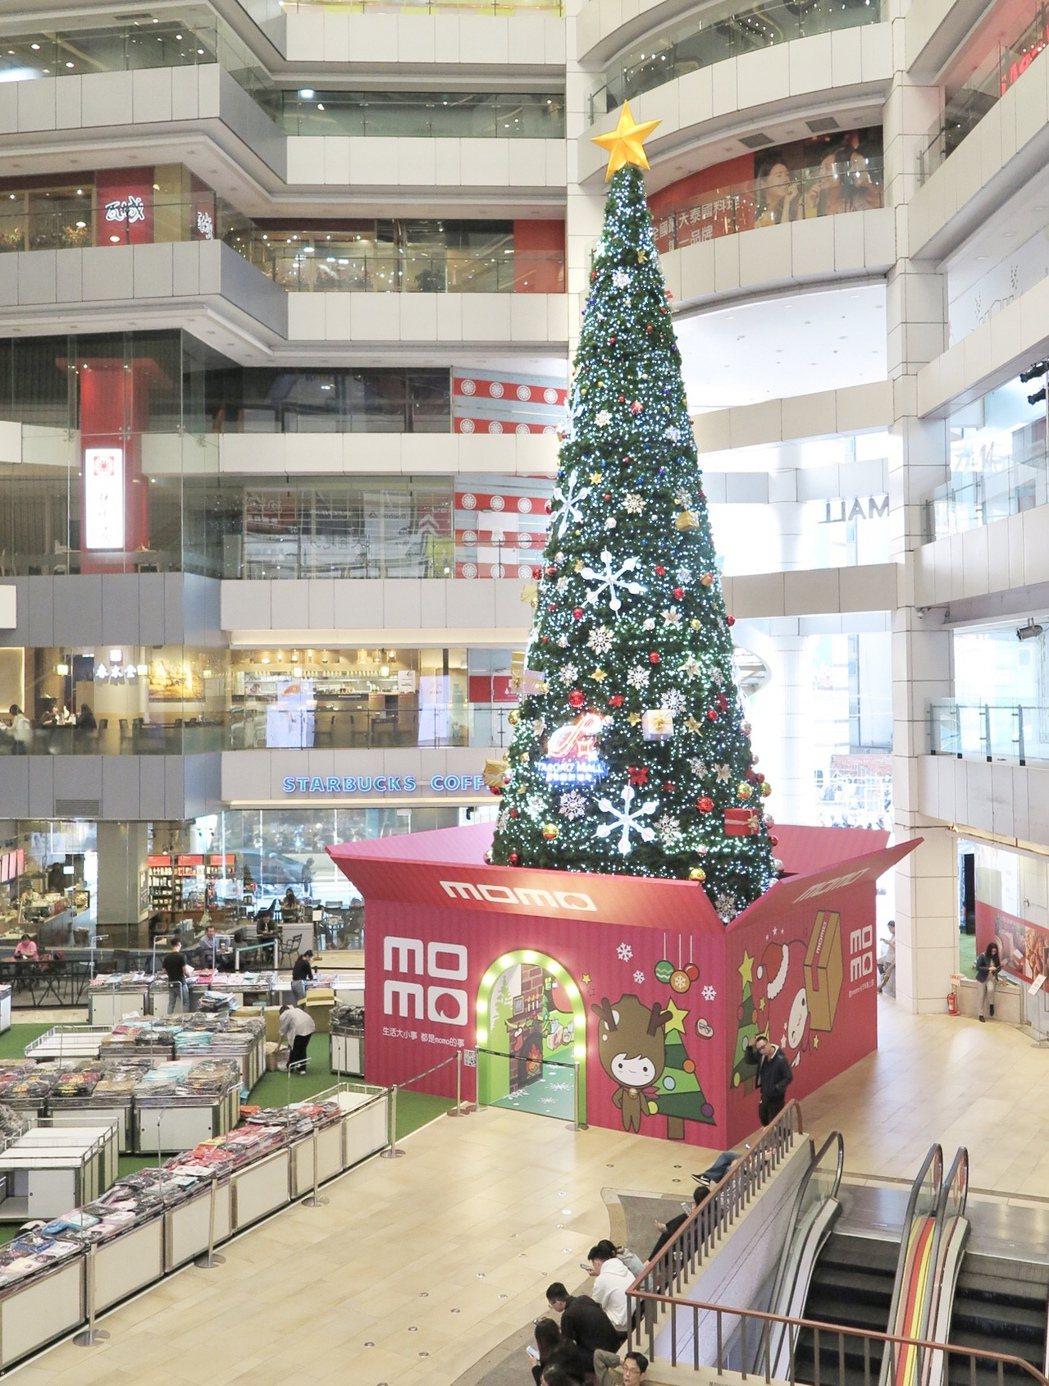 大魯閣新時代今年推出17米高巨型禮物盒聖誕樹,訂27日舉行點燈儀式。記者宋健生/...